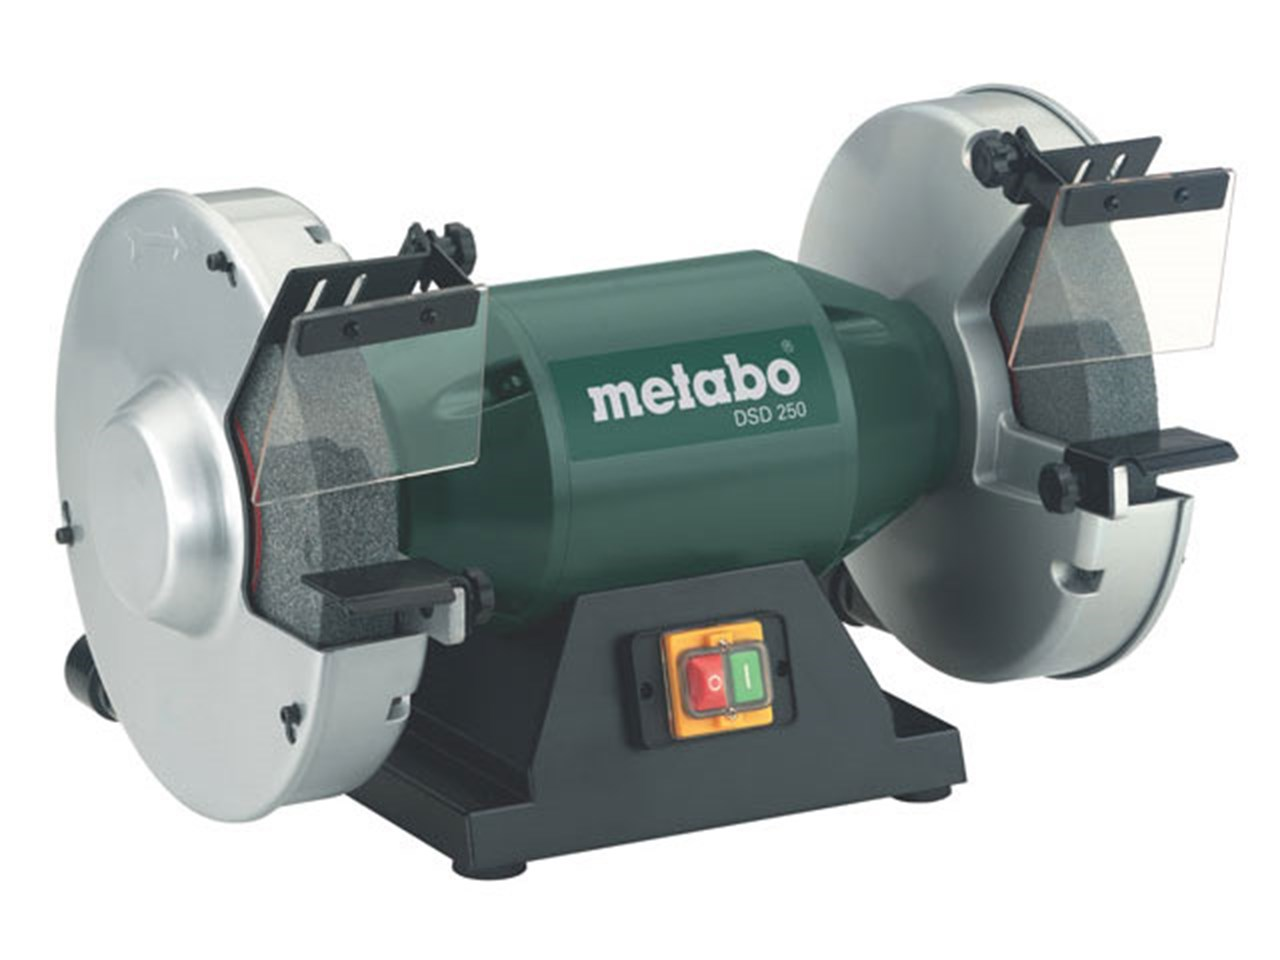 metabo dsd 250 400v 400v 250mm bench grinder. Black Bedroom Furniture Sets. Home Design Ideas